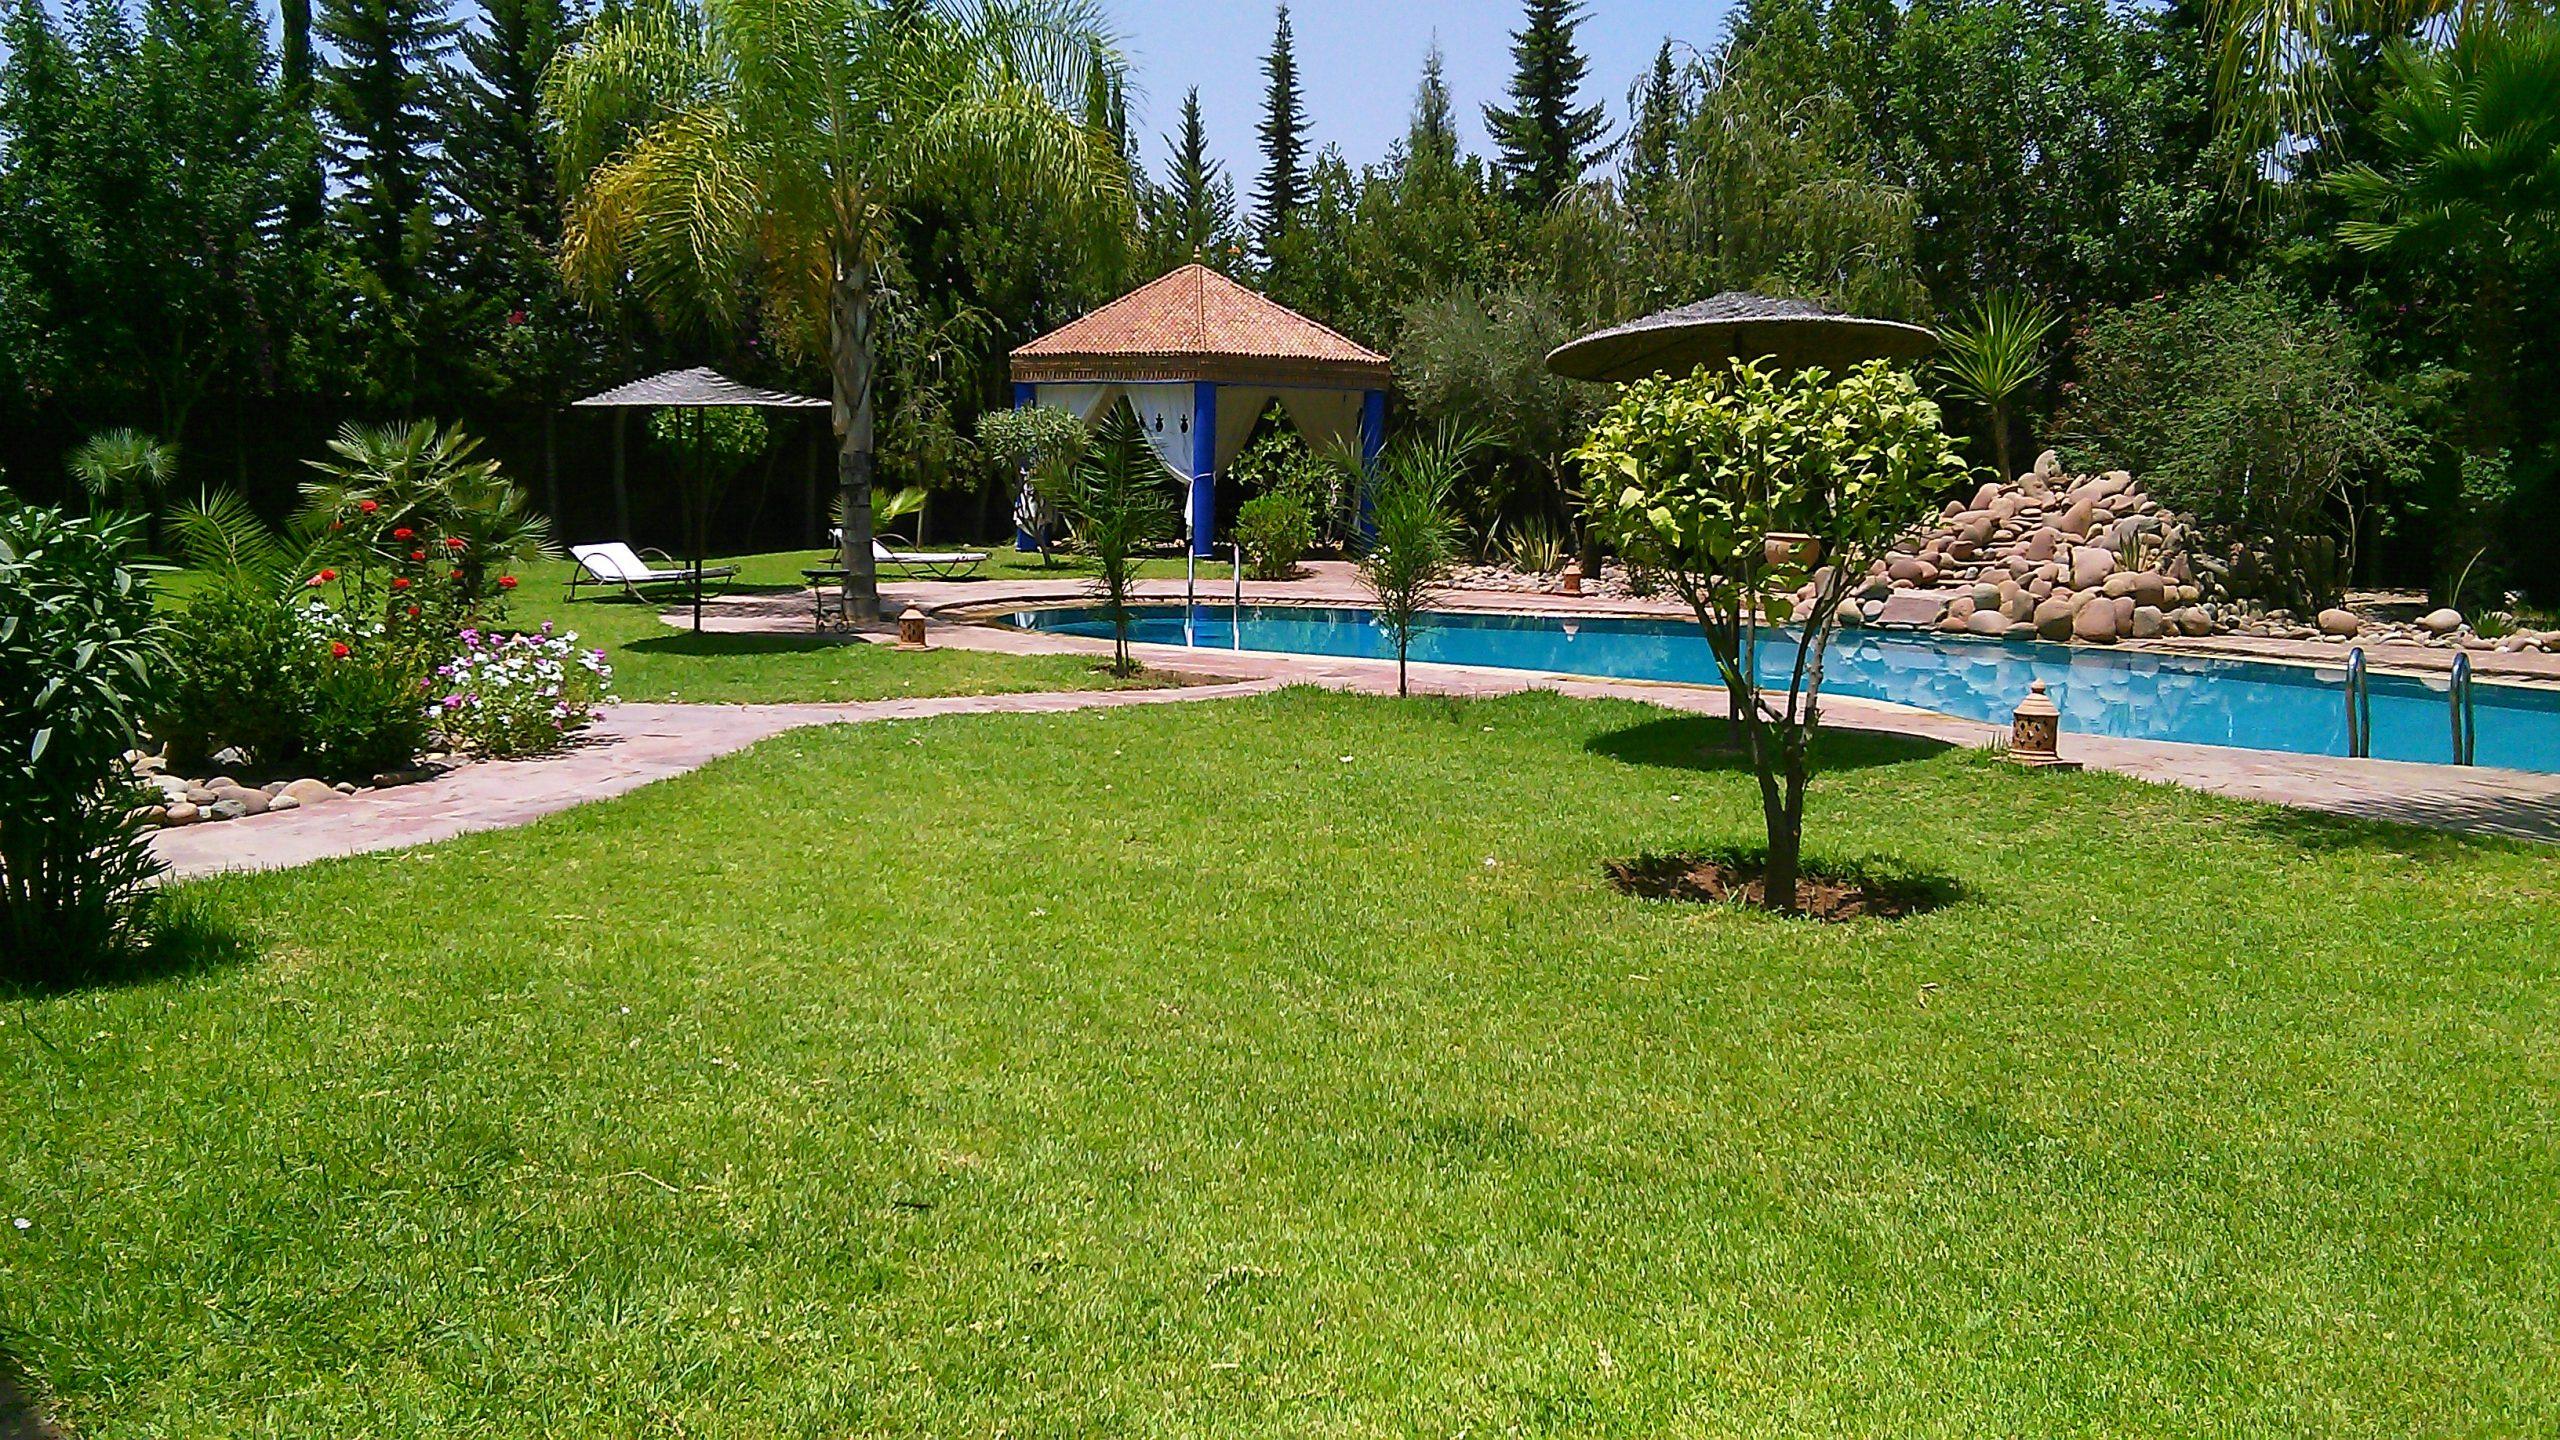 Villa Vacances Avec Piscine Privée | Marrakech-Locations ... encequiconcerne Location Maison De Vacances Avec Piscine Privée